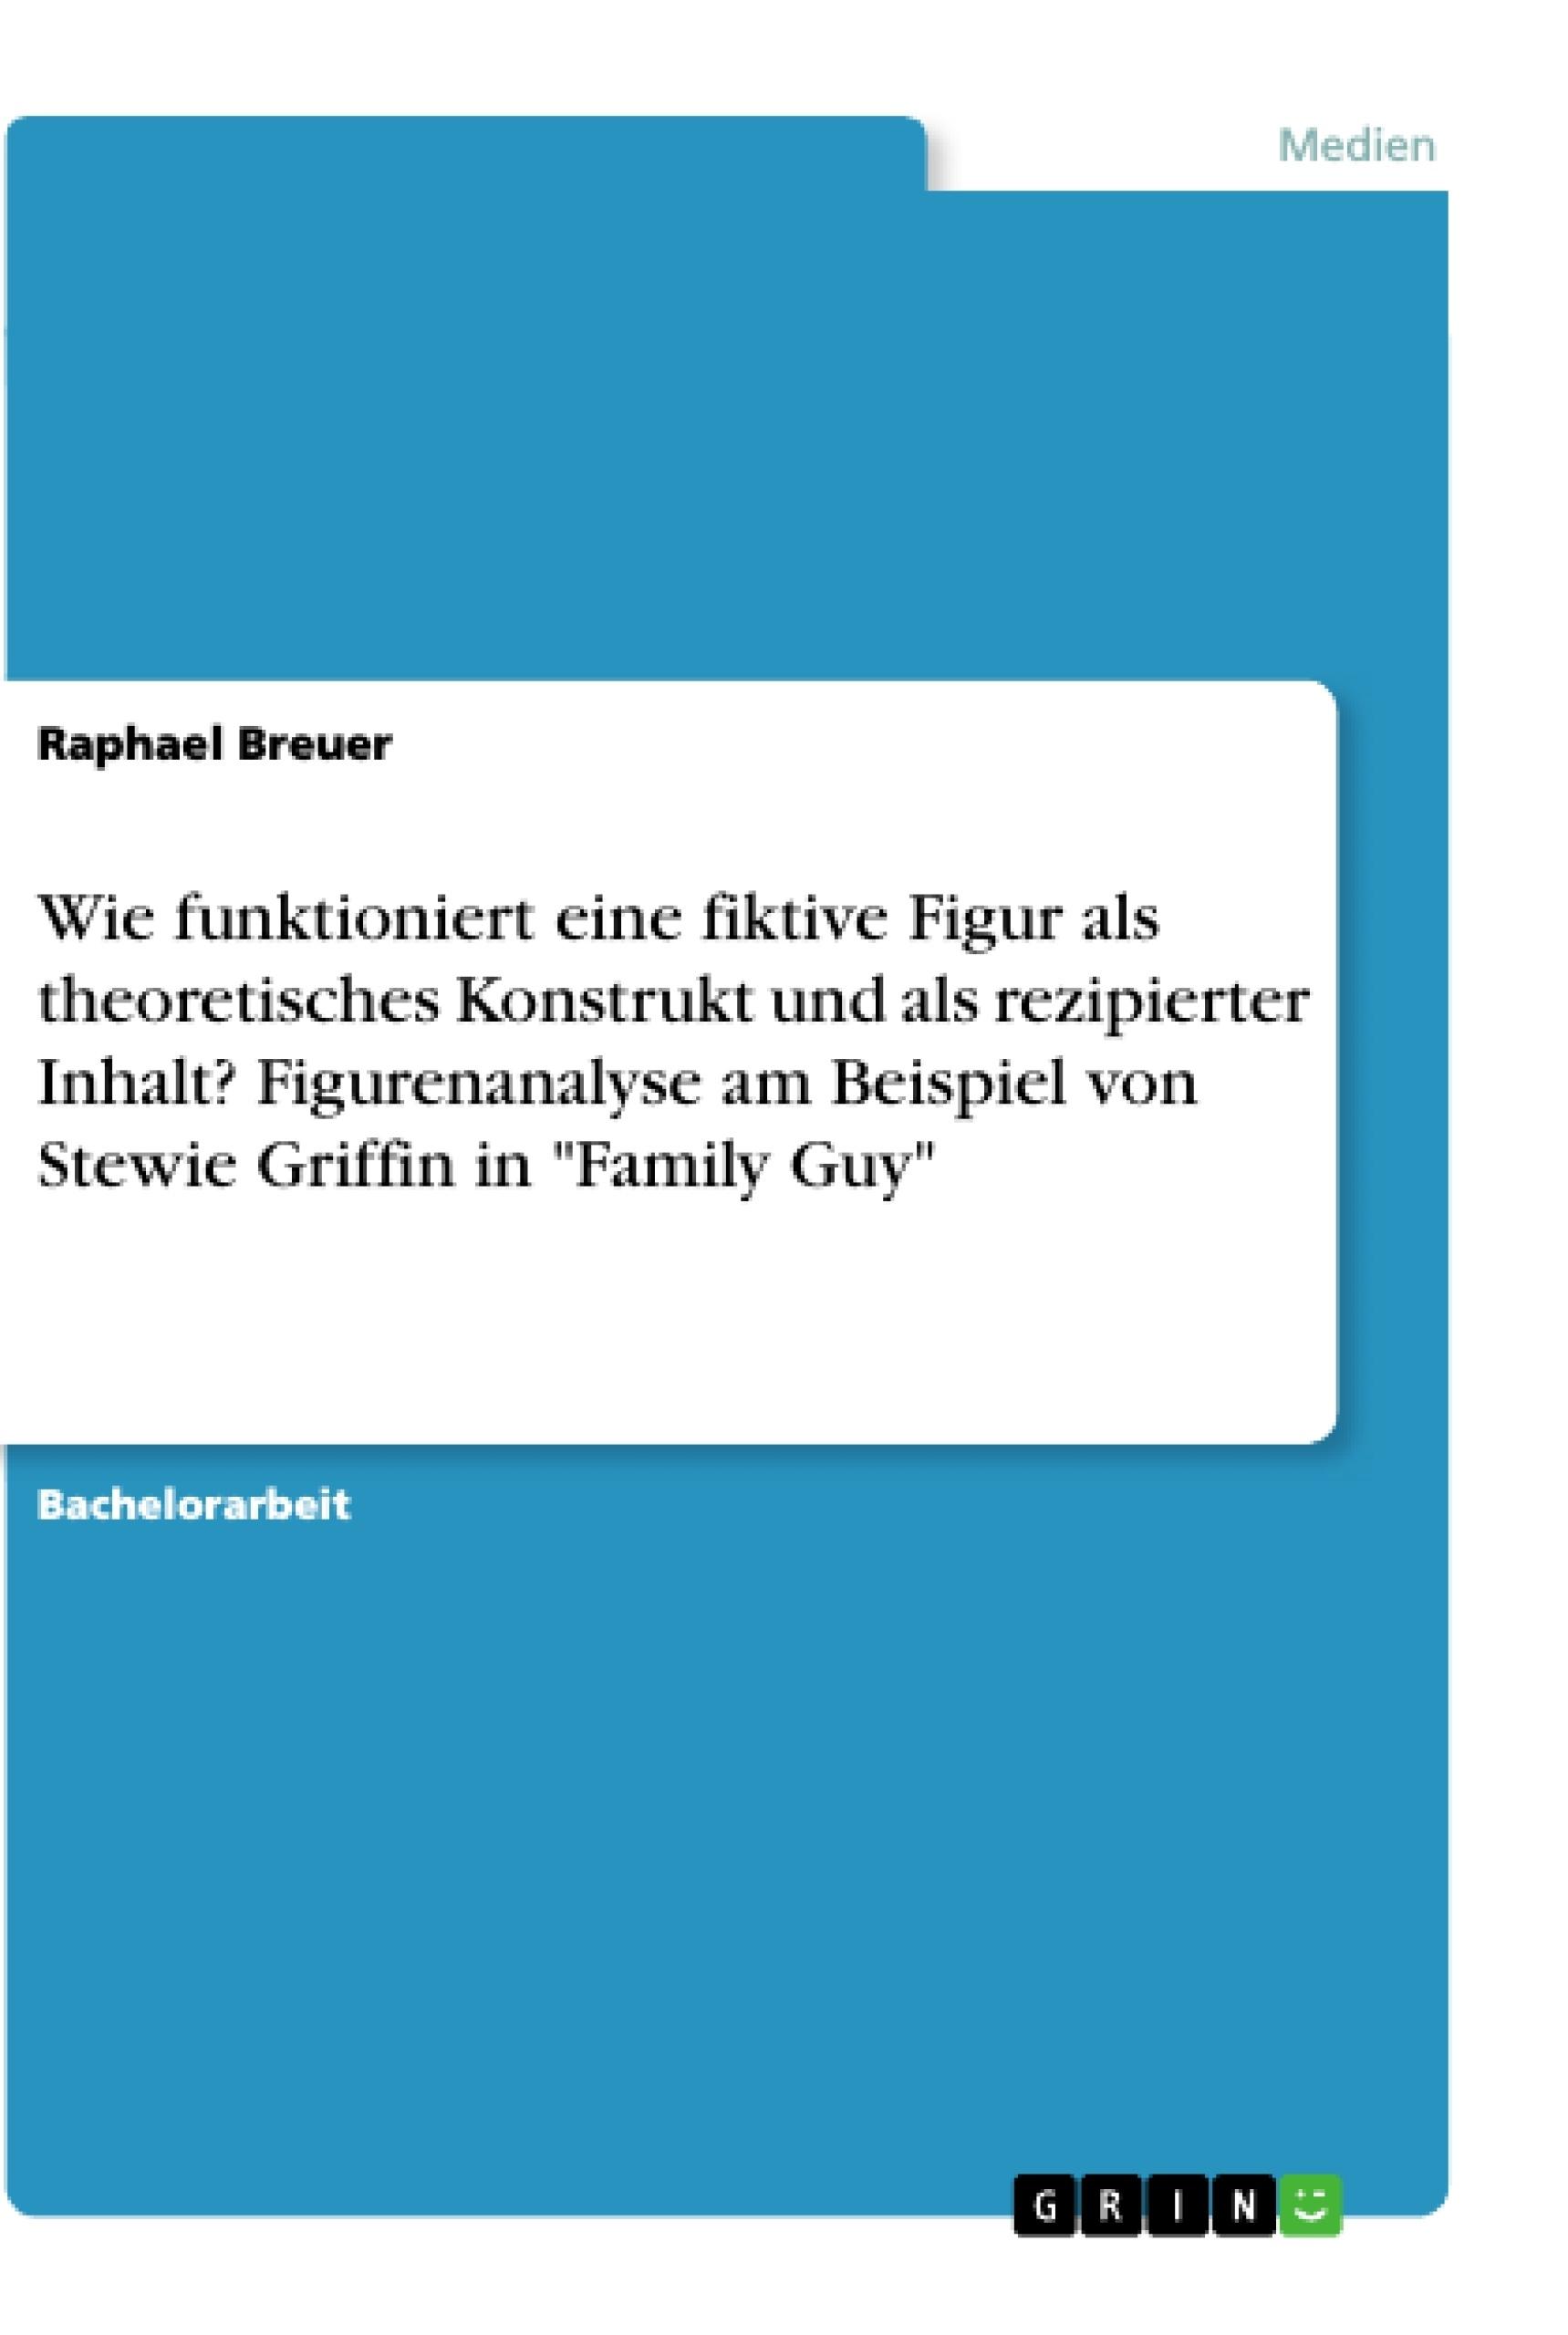 """Titel: Wie funktioniert eine fiktive Figur als theoretisches Konstrukt und als rezipierter Inhalt? Figurenanalyse am Beispiel von Stewie Griffin in """"Family Guy"""""""